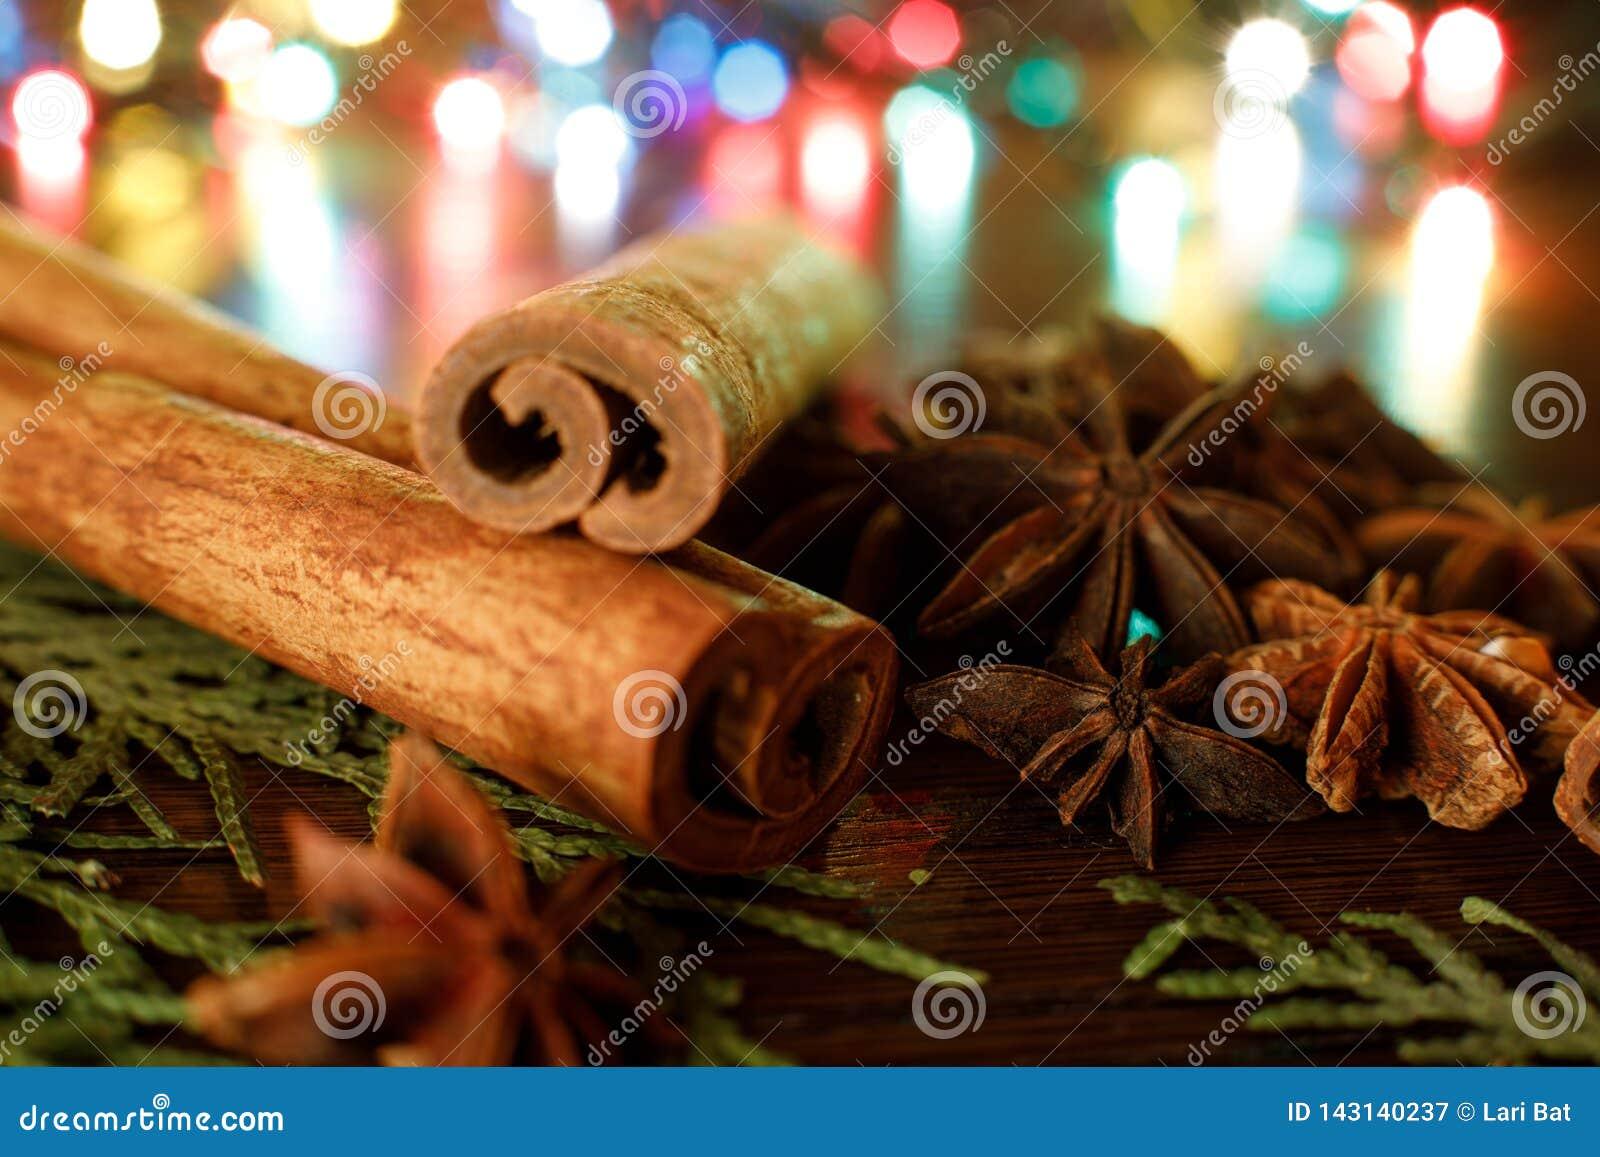 茴香和肉桂条在一张木桌上与五颜六色的聚焦 选择聚焦 E